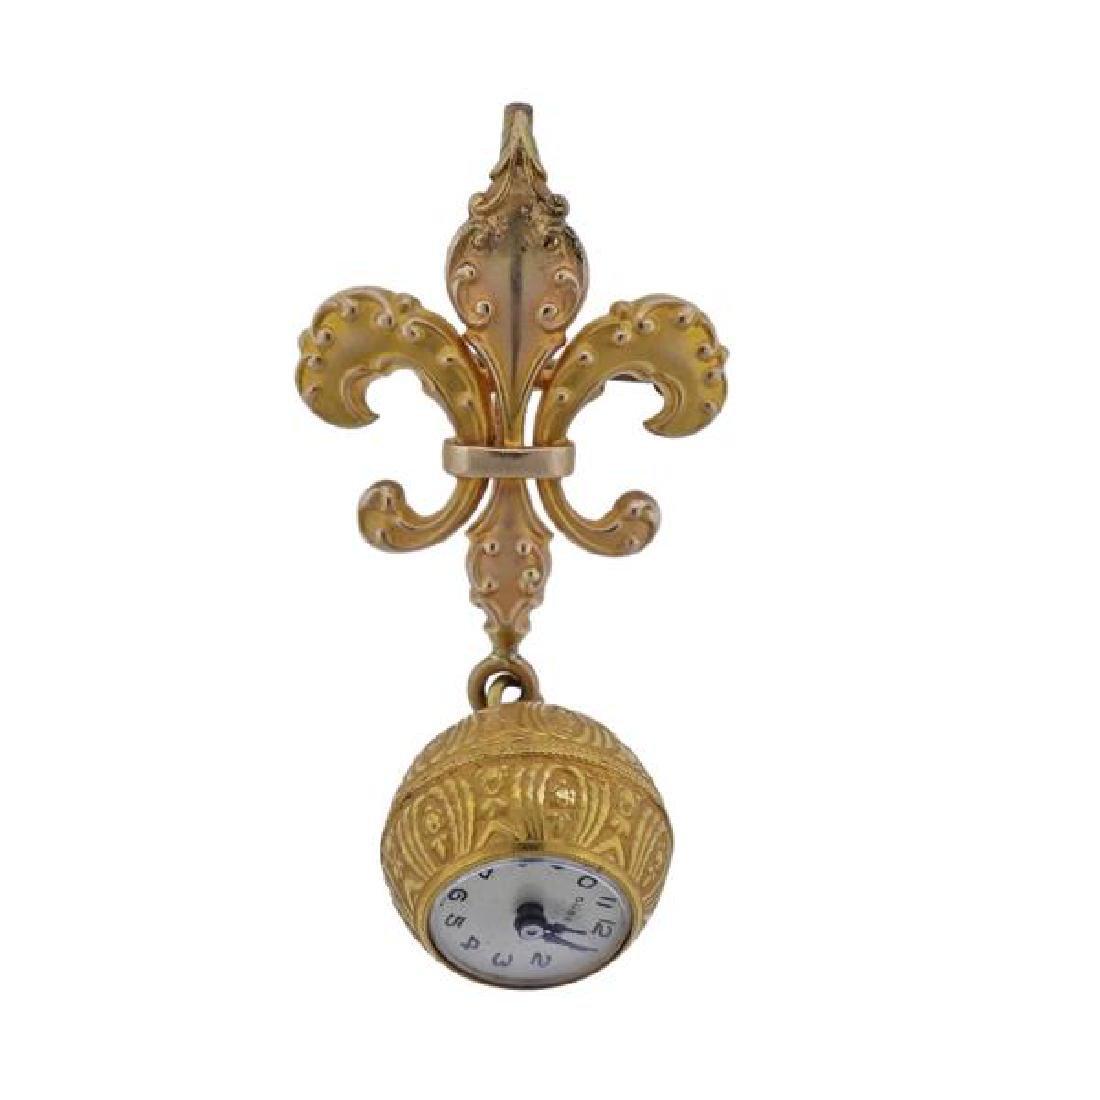 Gubelin 18K Gold Lapel Watch